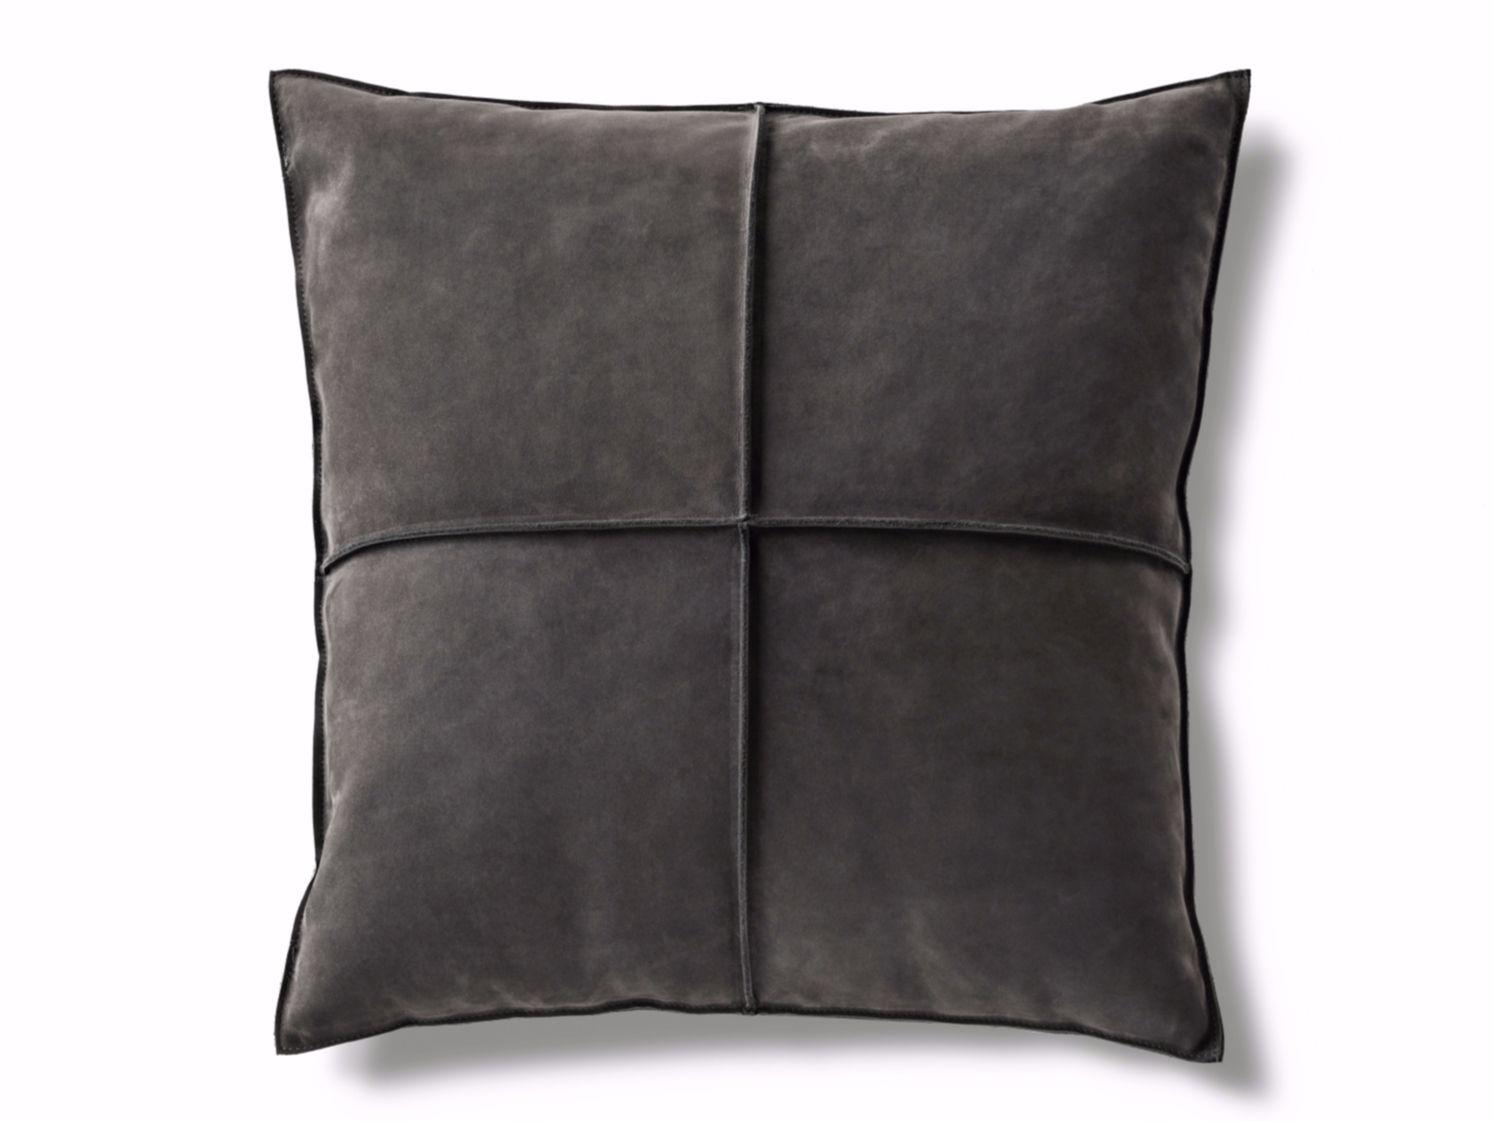 Cuscini In Pelle Per Divano.Cuscino Cuscino Braque Minotti Cushions Minotti Leather Decor